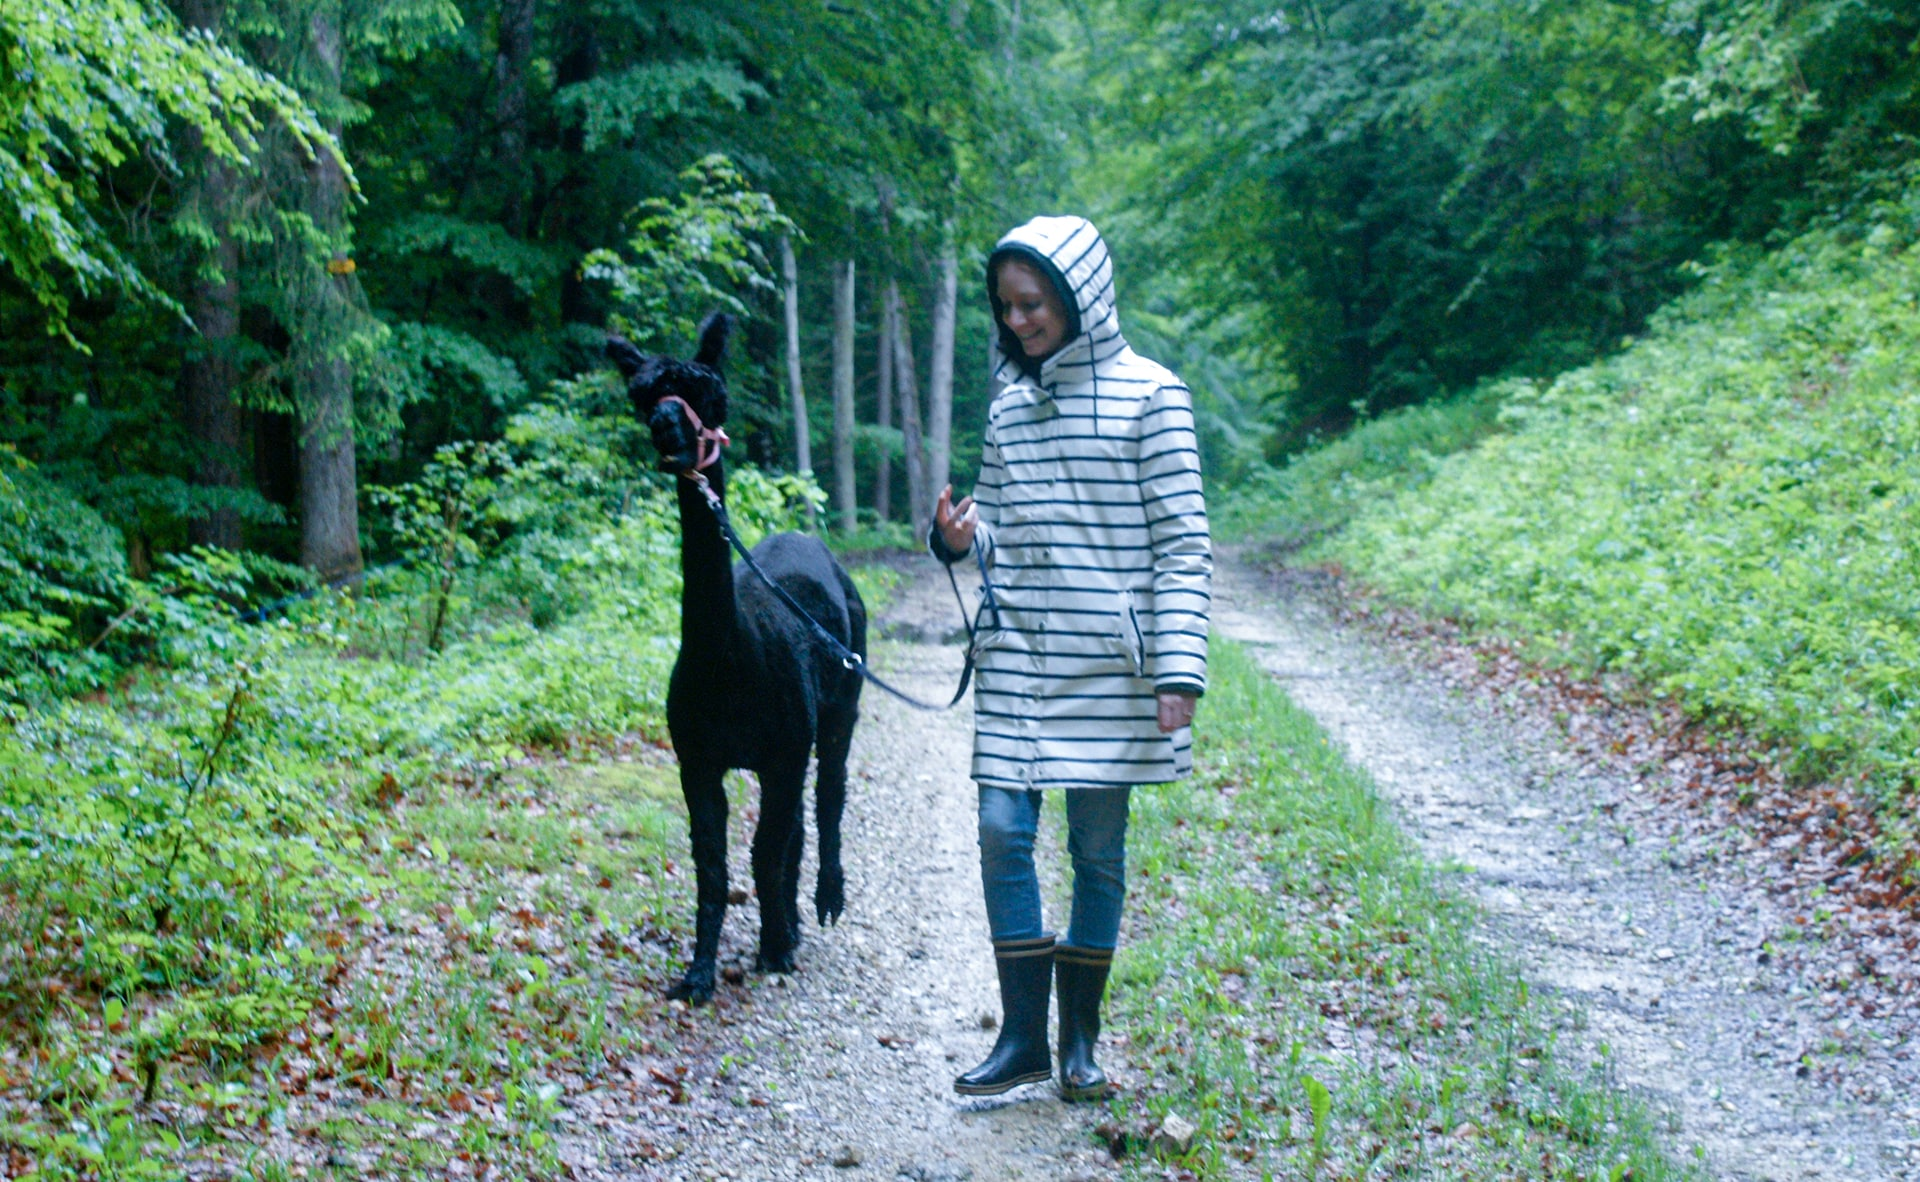 Blog Lifestyle - Une promenade hors du temps avec des lamas et alpagas - Suivre sa Joie - Saskia Parein